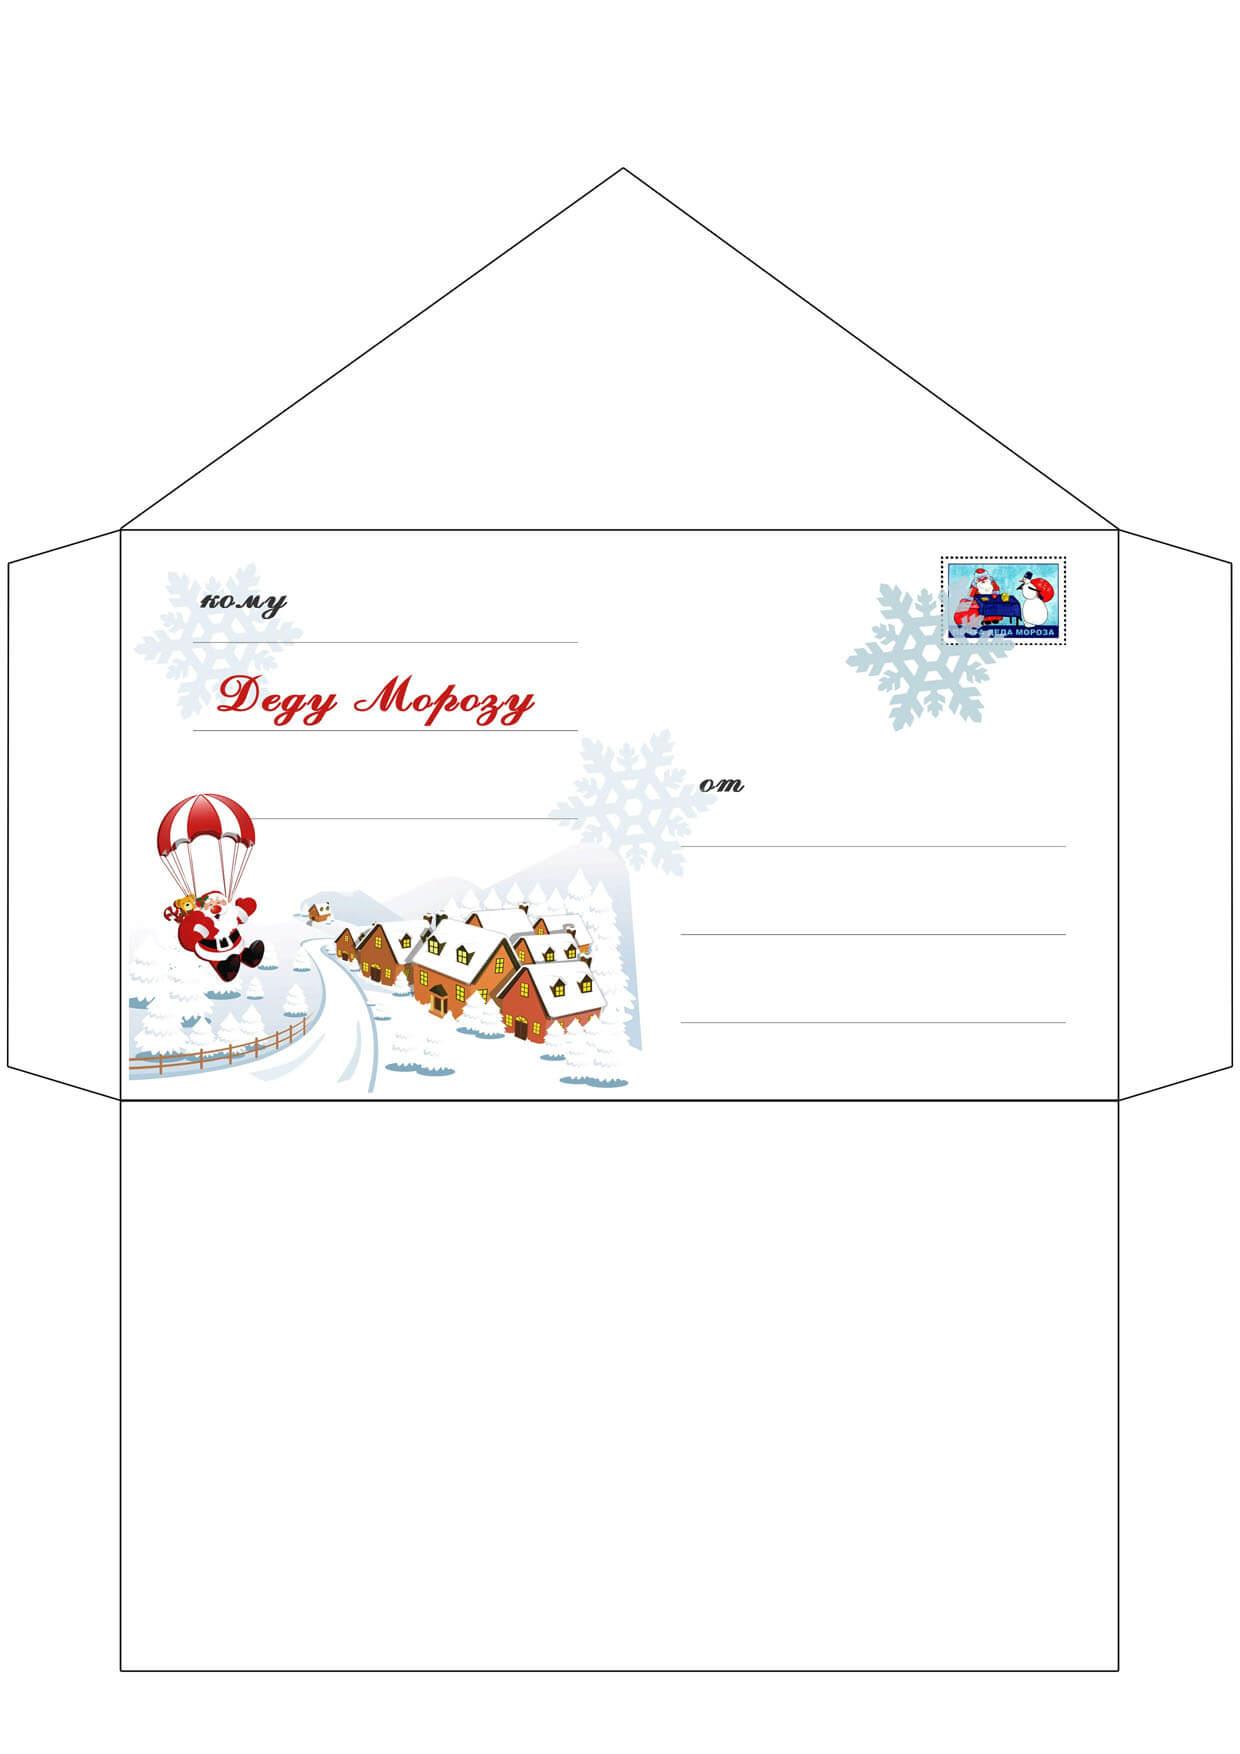 День заказа подарков Деду Морозу (4 декабря)